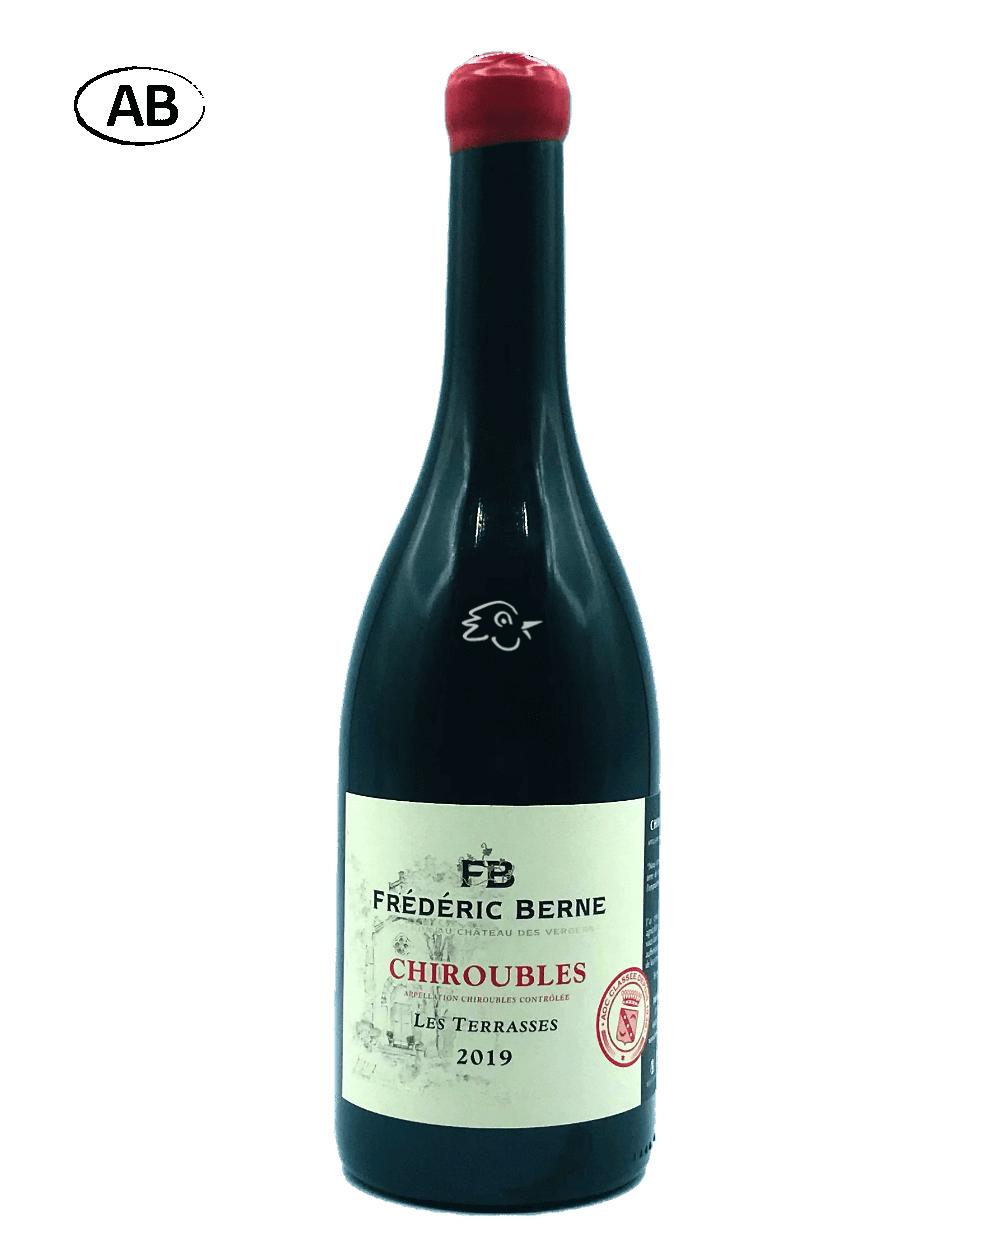 Domaine Frédéric Berne - Chiroubles 2019 - Avintures